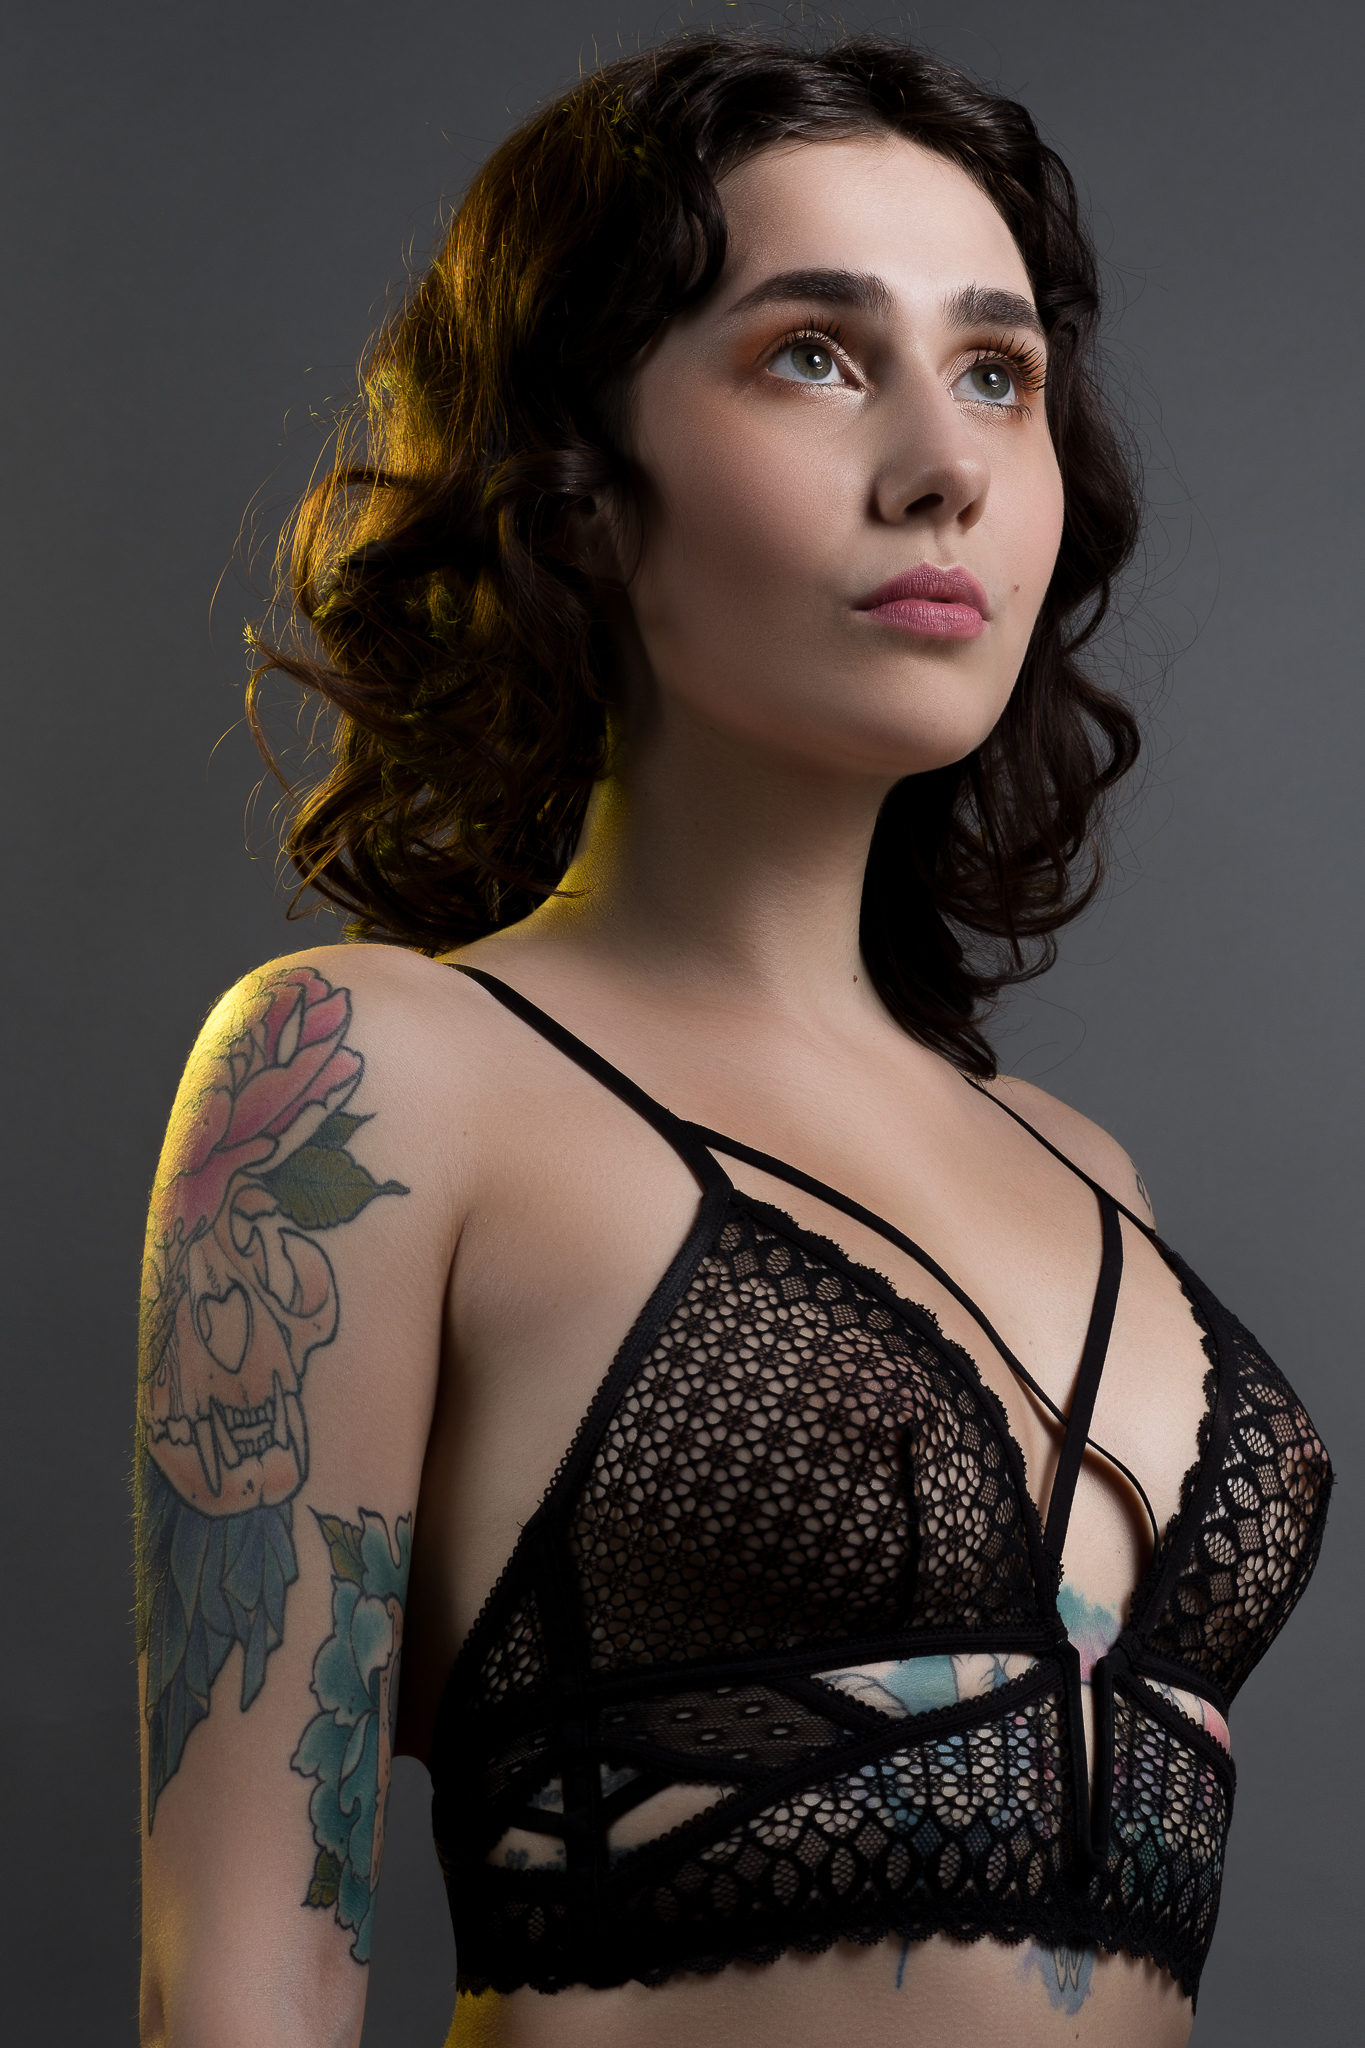 Kobieta w bieliźnie z wytatuowanym ciałem